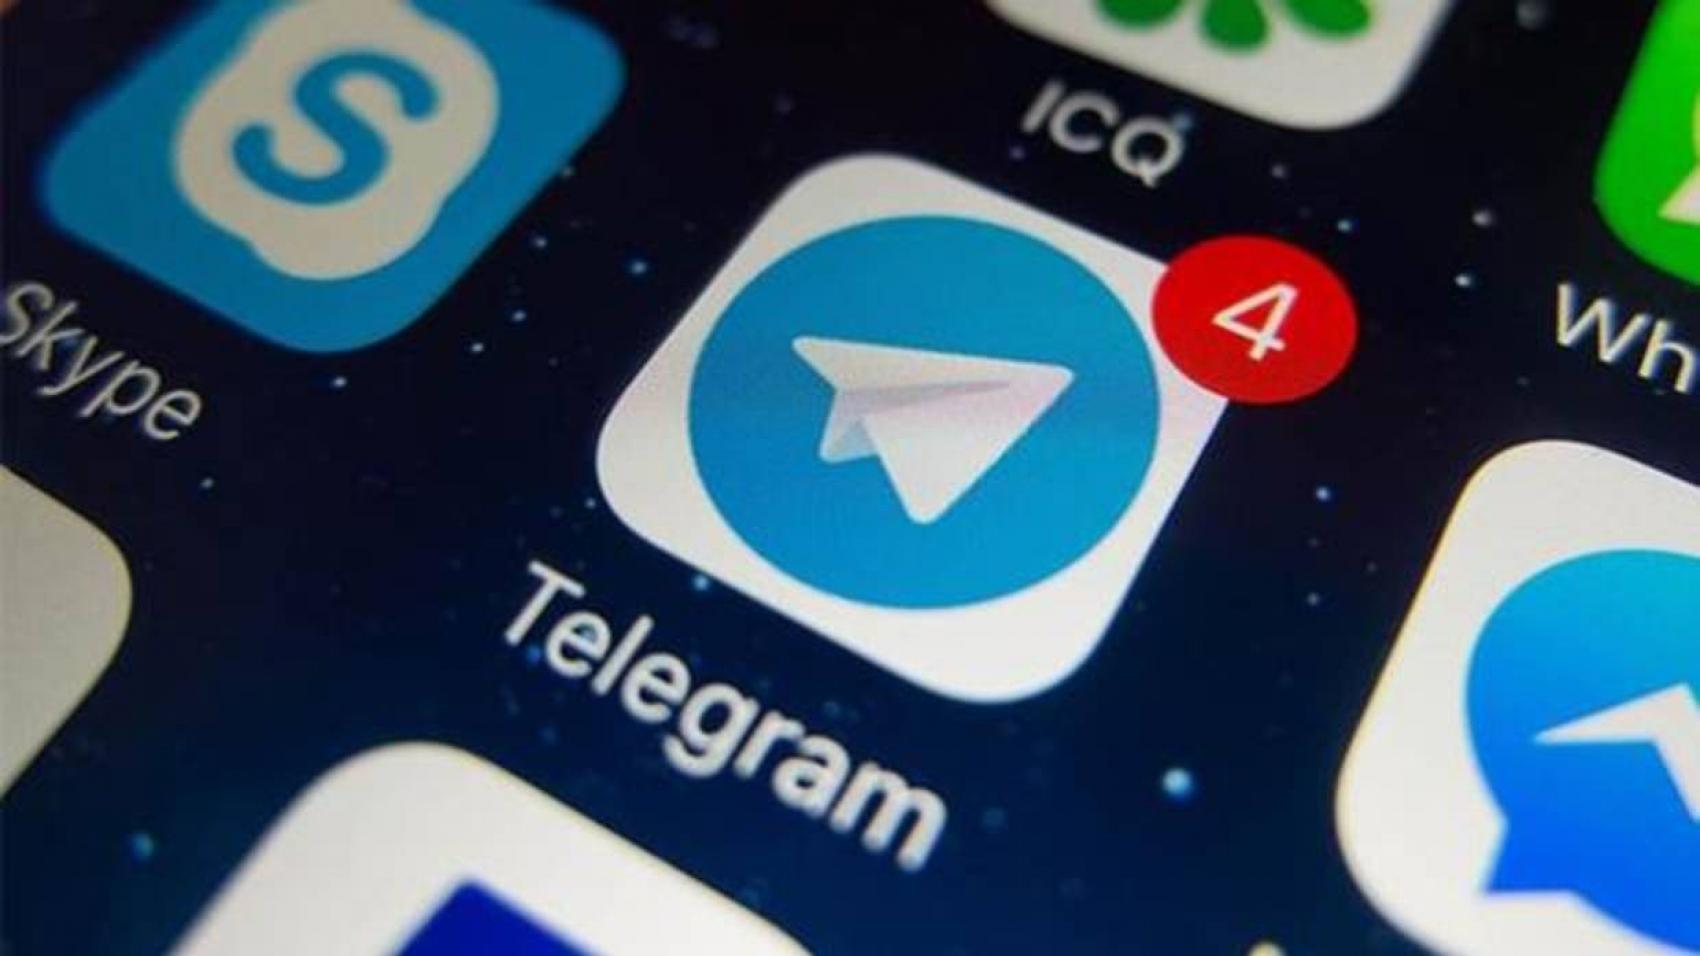 Proponen que Telegram pague una multa de 18.5 millones de dólares tras violar la ley de valores estadounidense con su proyecto blockchain TON y sus tokens Gram